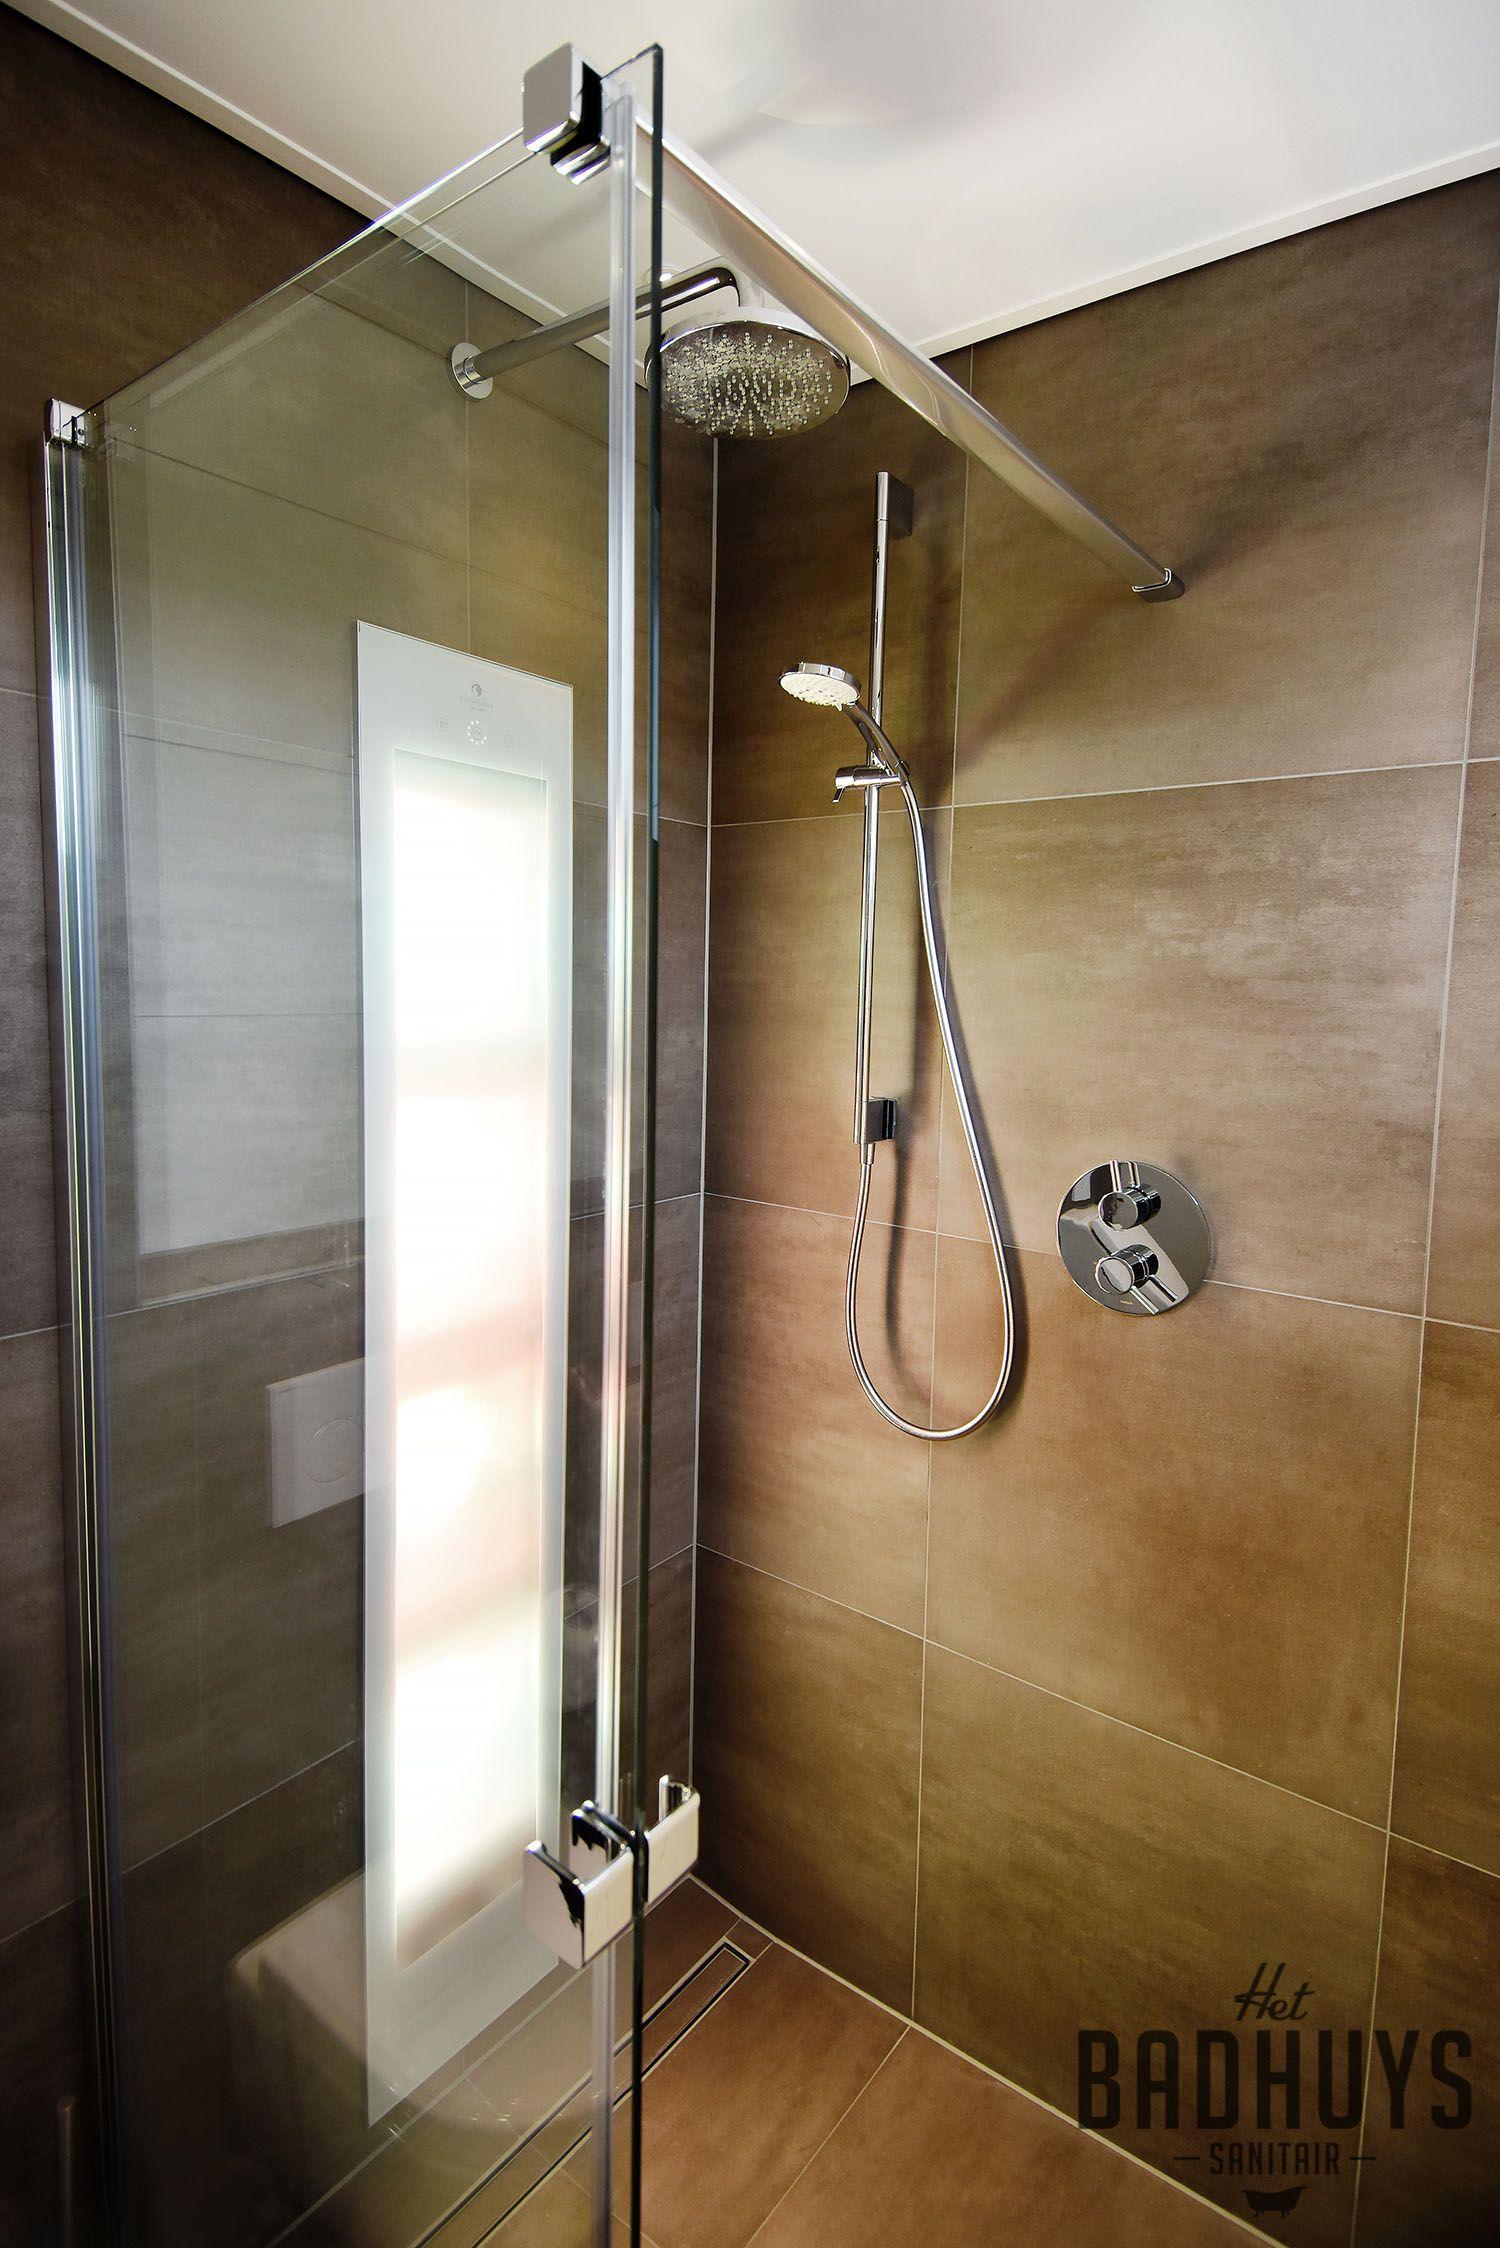 kleine badkamer met urinoir en sunshower het badhuys badkamer